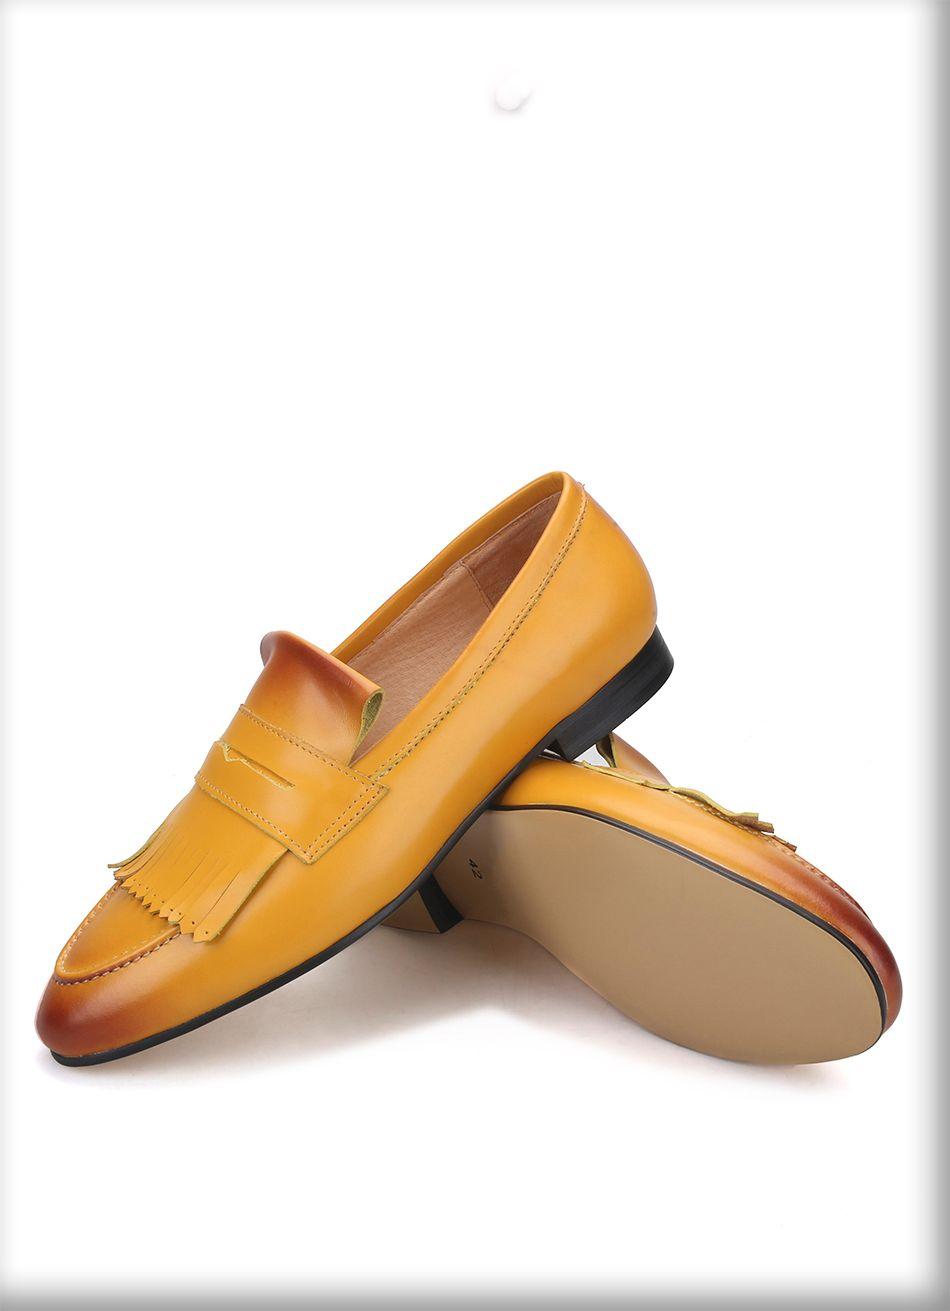 hommes couleur jaune penny veau mocassins glisser sur les chaussures habillées pour hommes pour les hommes faits à la main mariage et partie fumeurs pantoufles